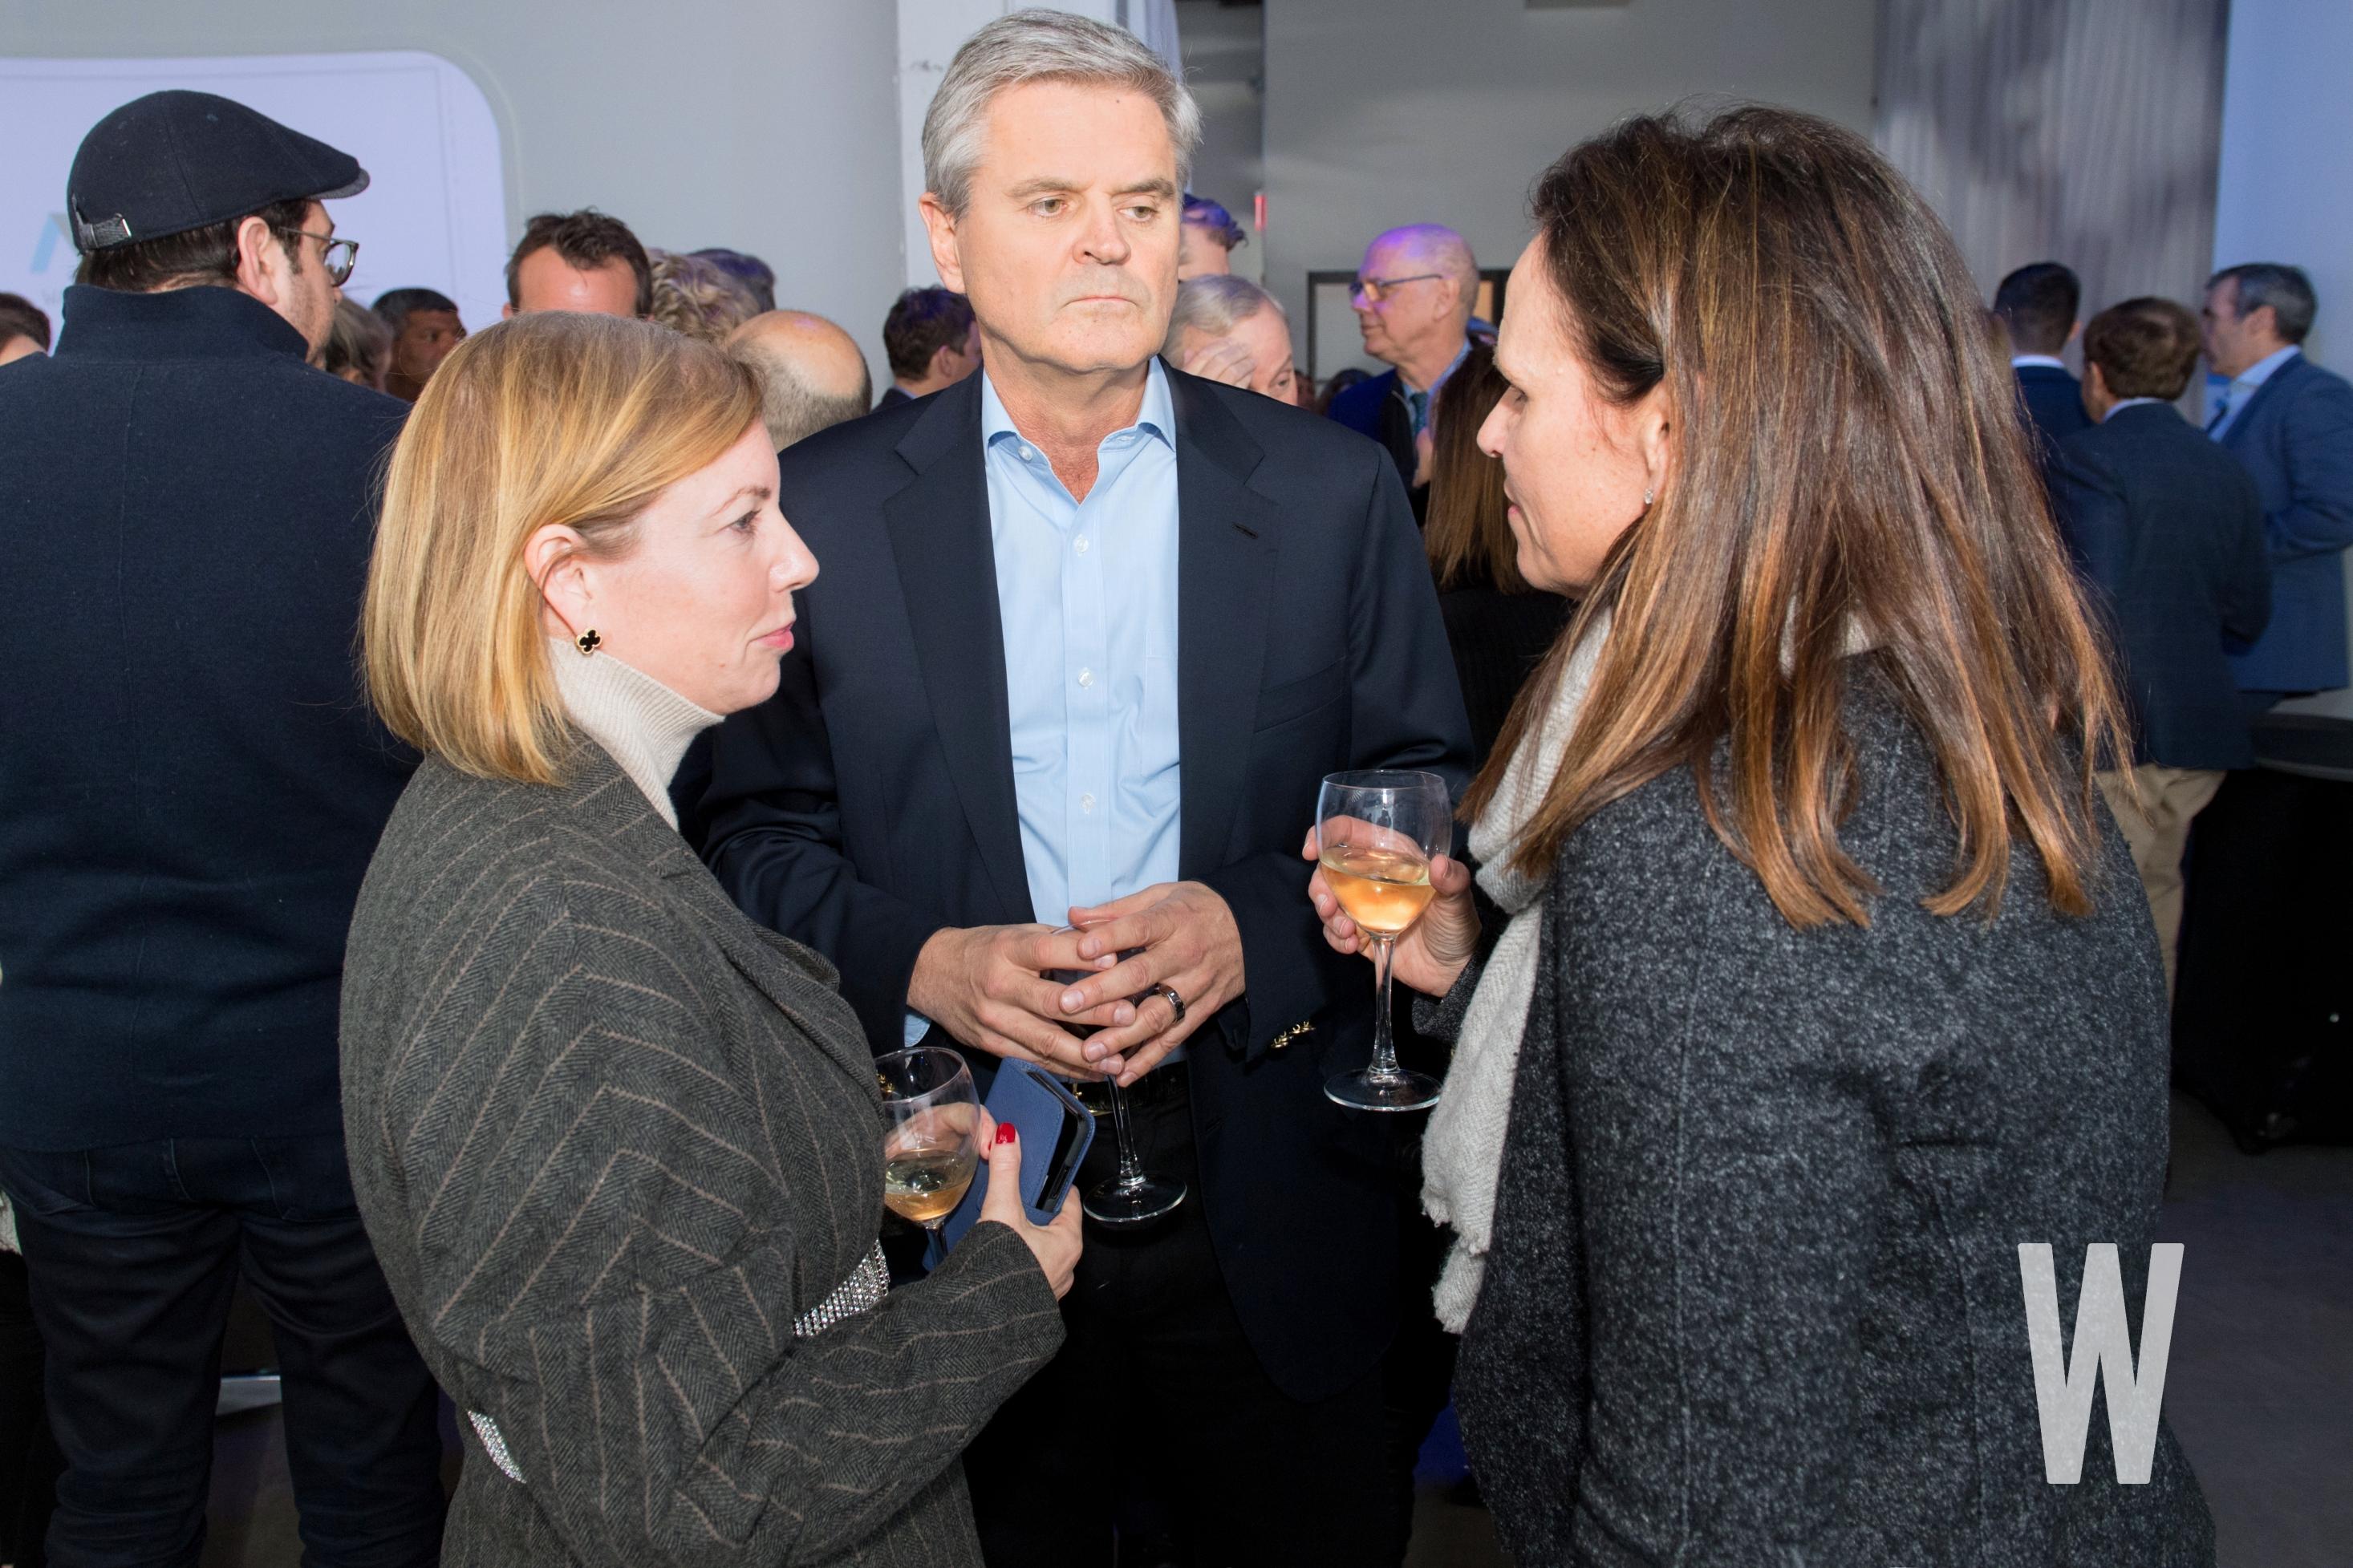 Axios party